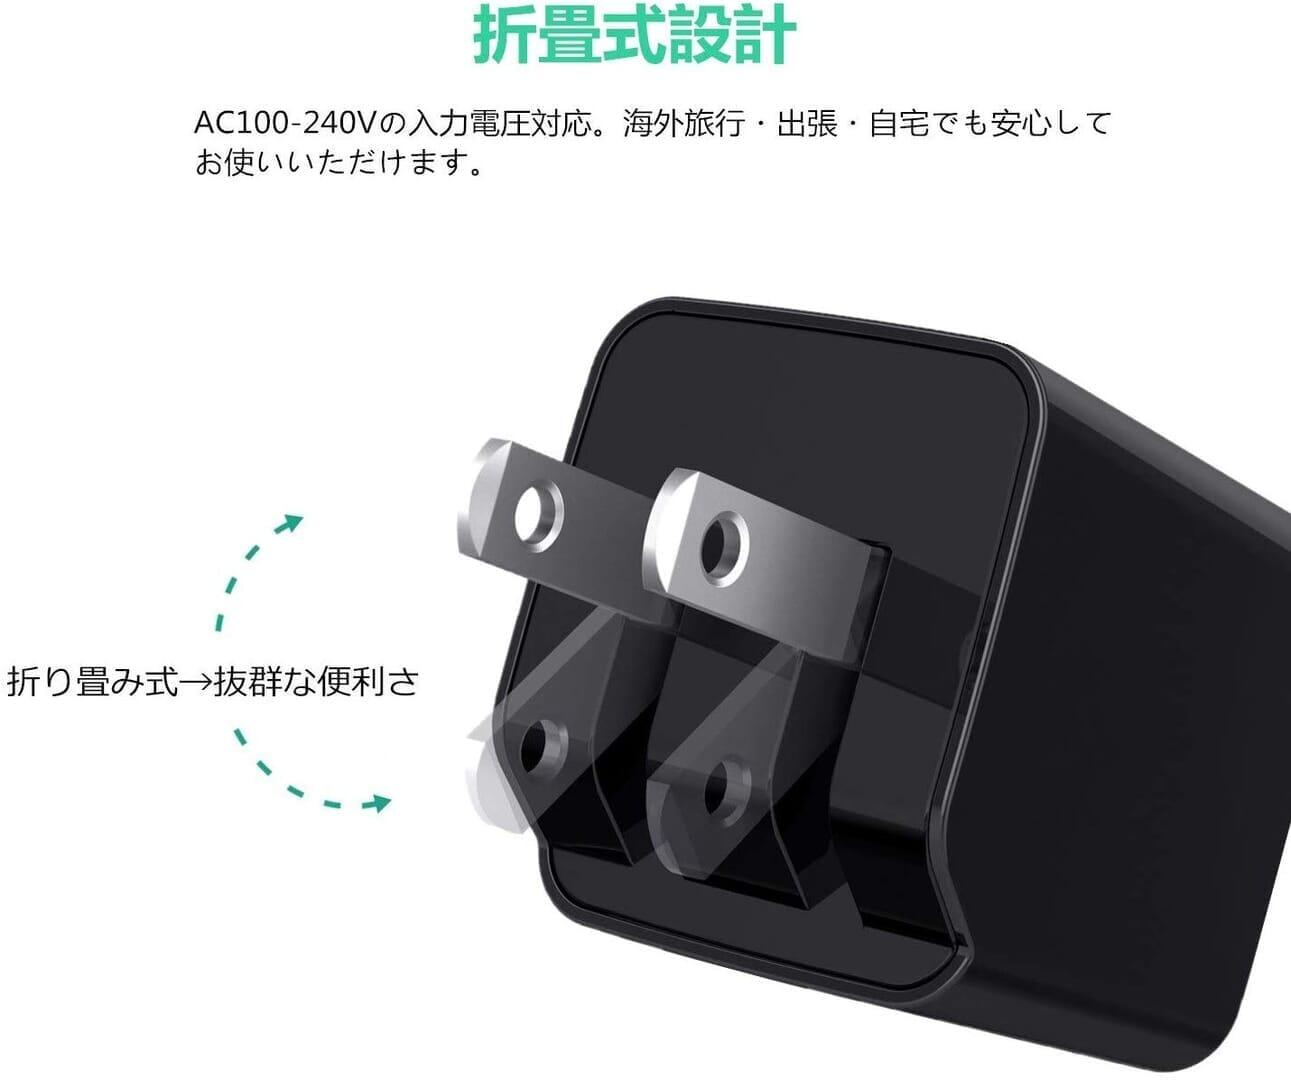 【Aukey PA-Y19レビュー】Ankerを上回るサイズと使い勝手!PD対応USB-Cポート搭載でスマホ・ノートPCを急速充電できる世界一コンパクトな急速充電器|優れているポイント:折り畳み式プラグ採用でさらに省サイズ化!